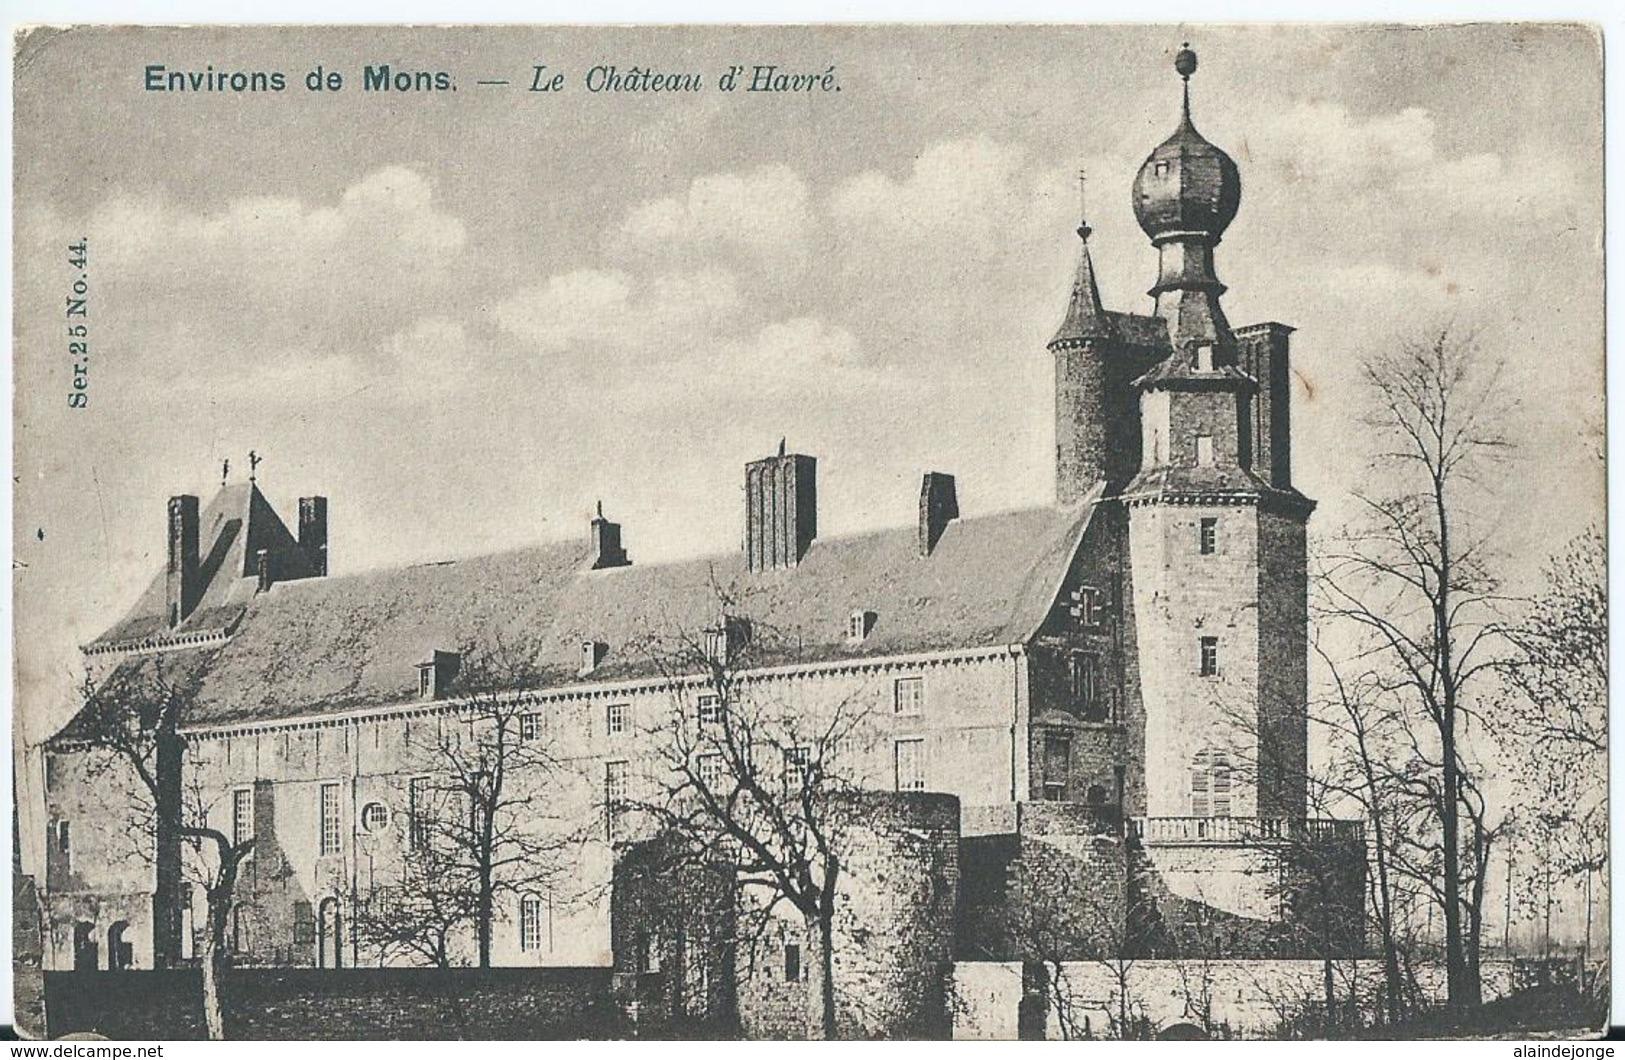 Bergen - Mons - Environs De Mons - Le Château D'Havré - Ser. 25 No 44 - Vanderauwera & Cie Bruxelles - Mons